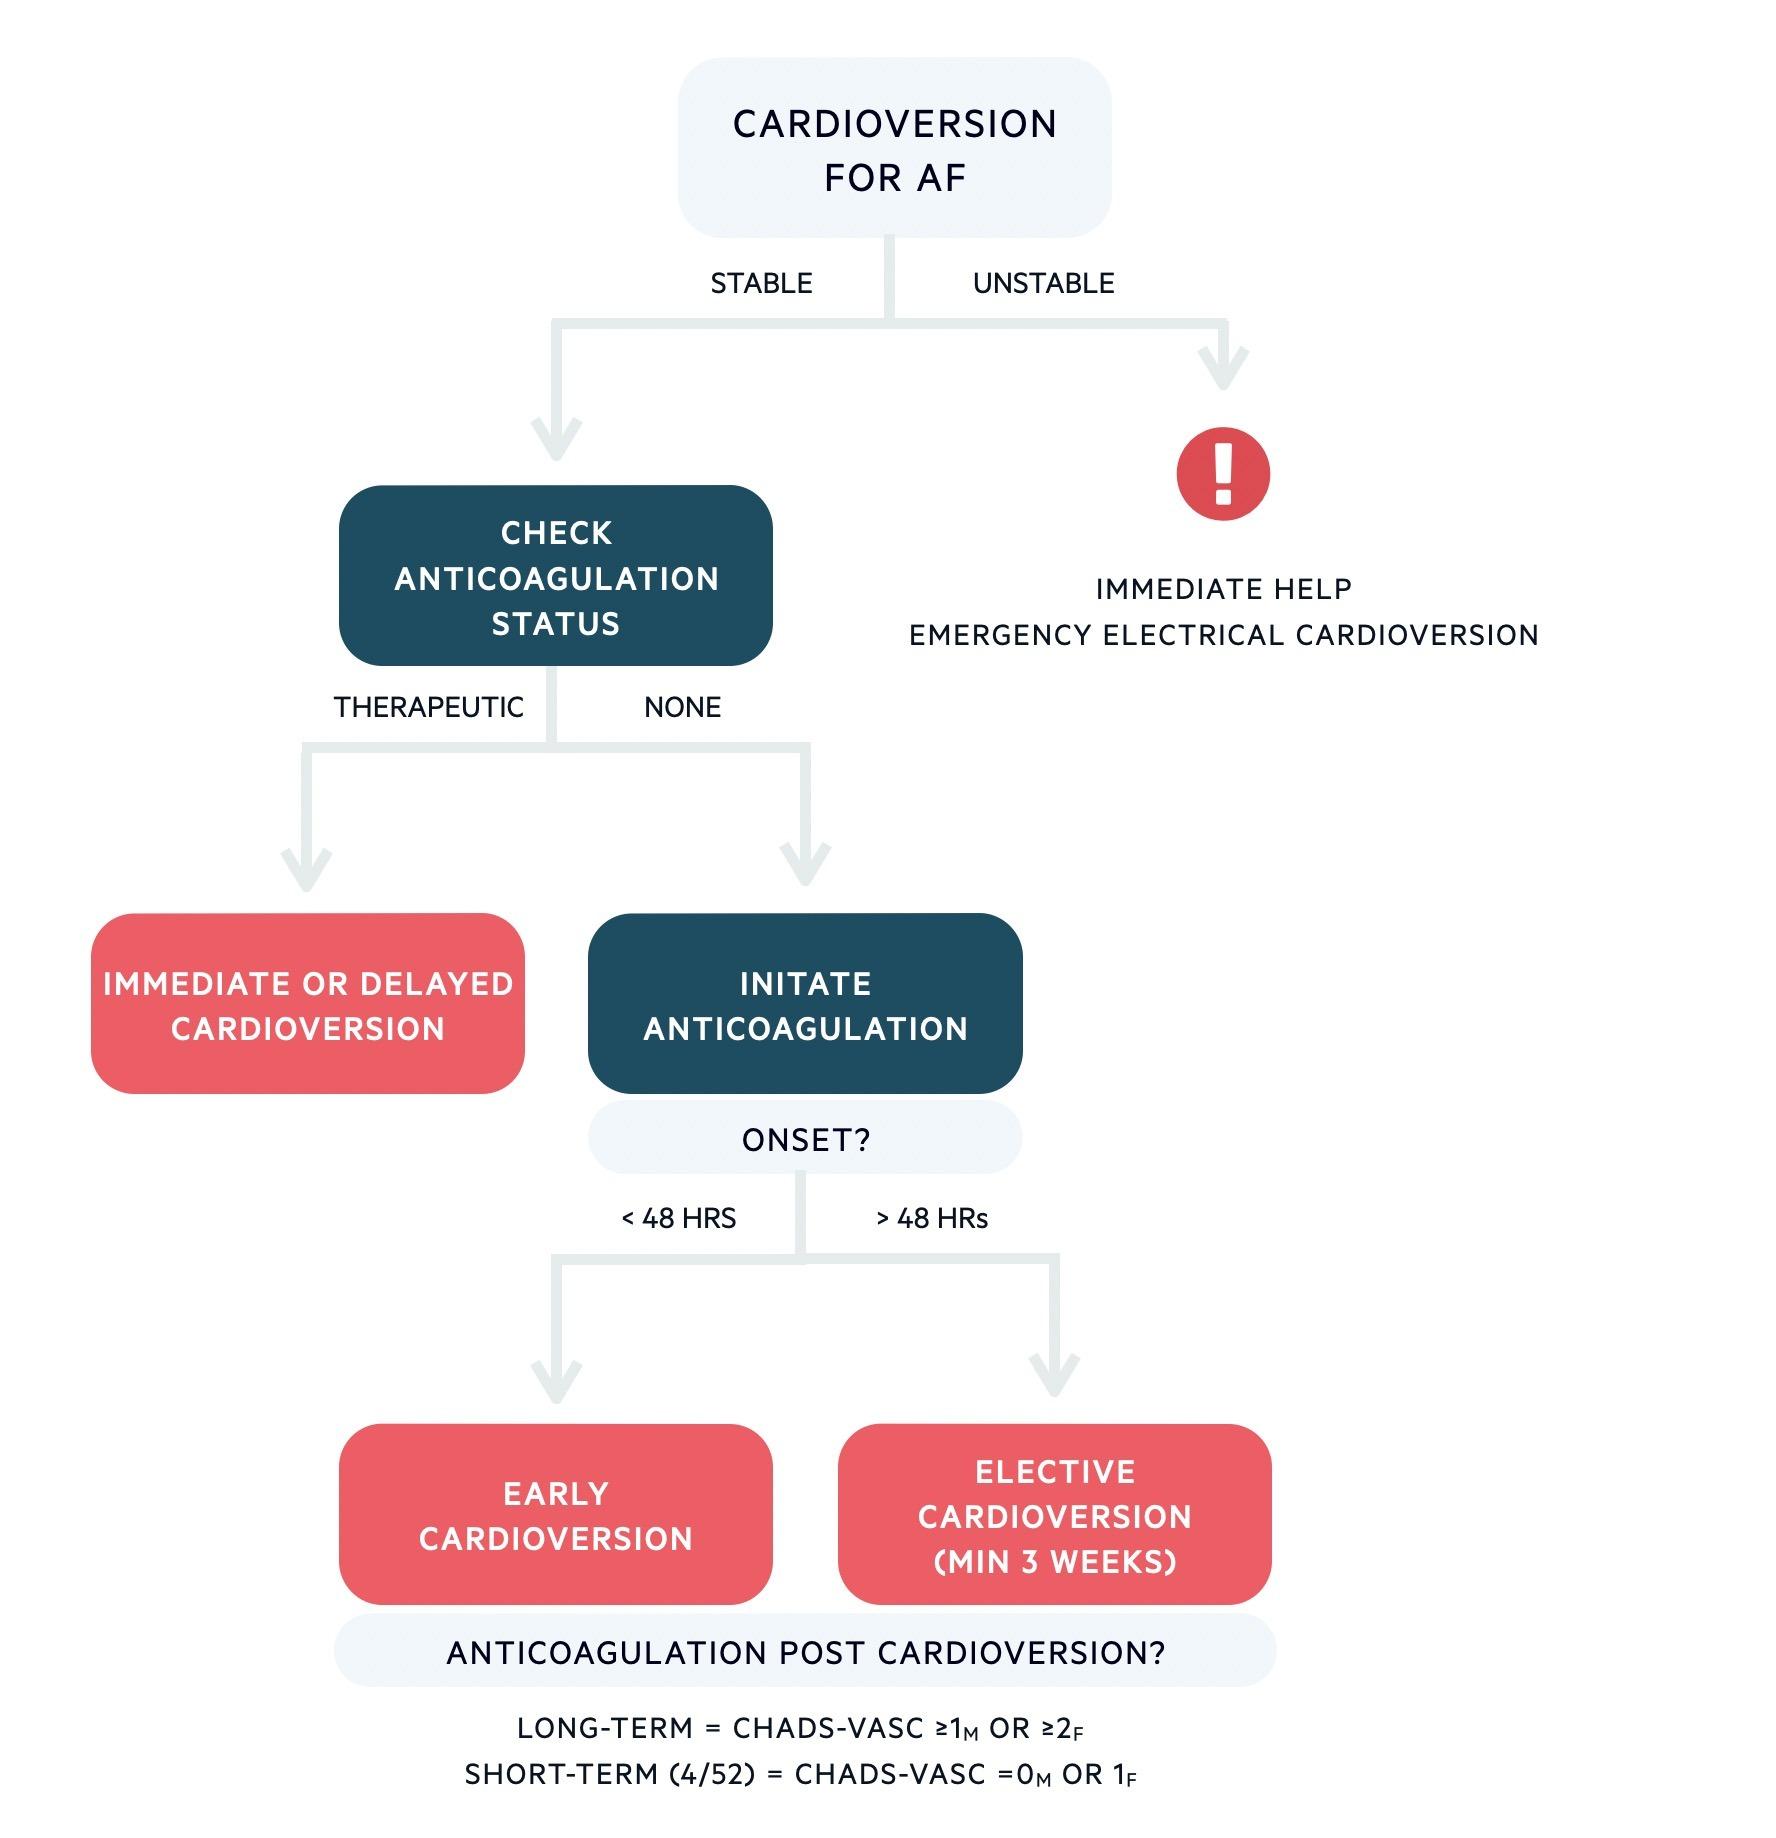 Cardioversion in AF